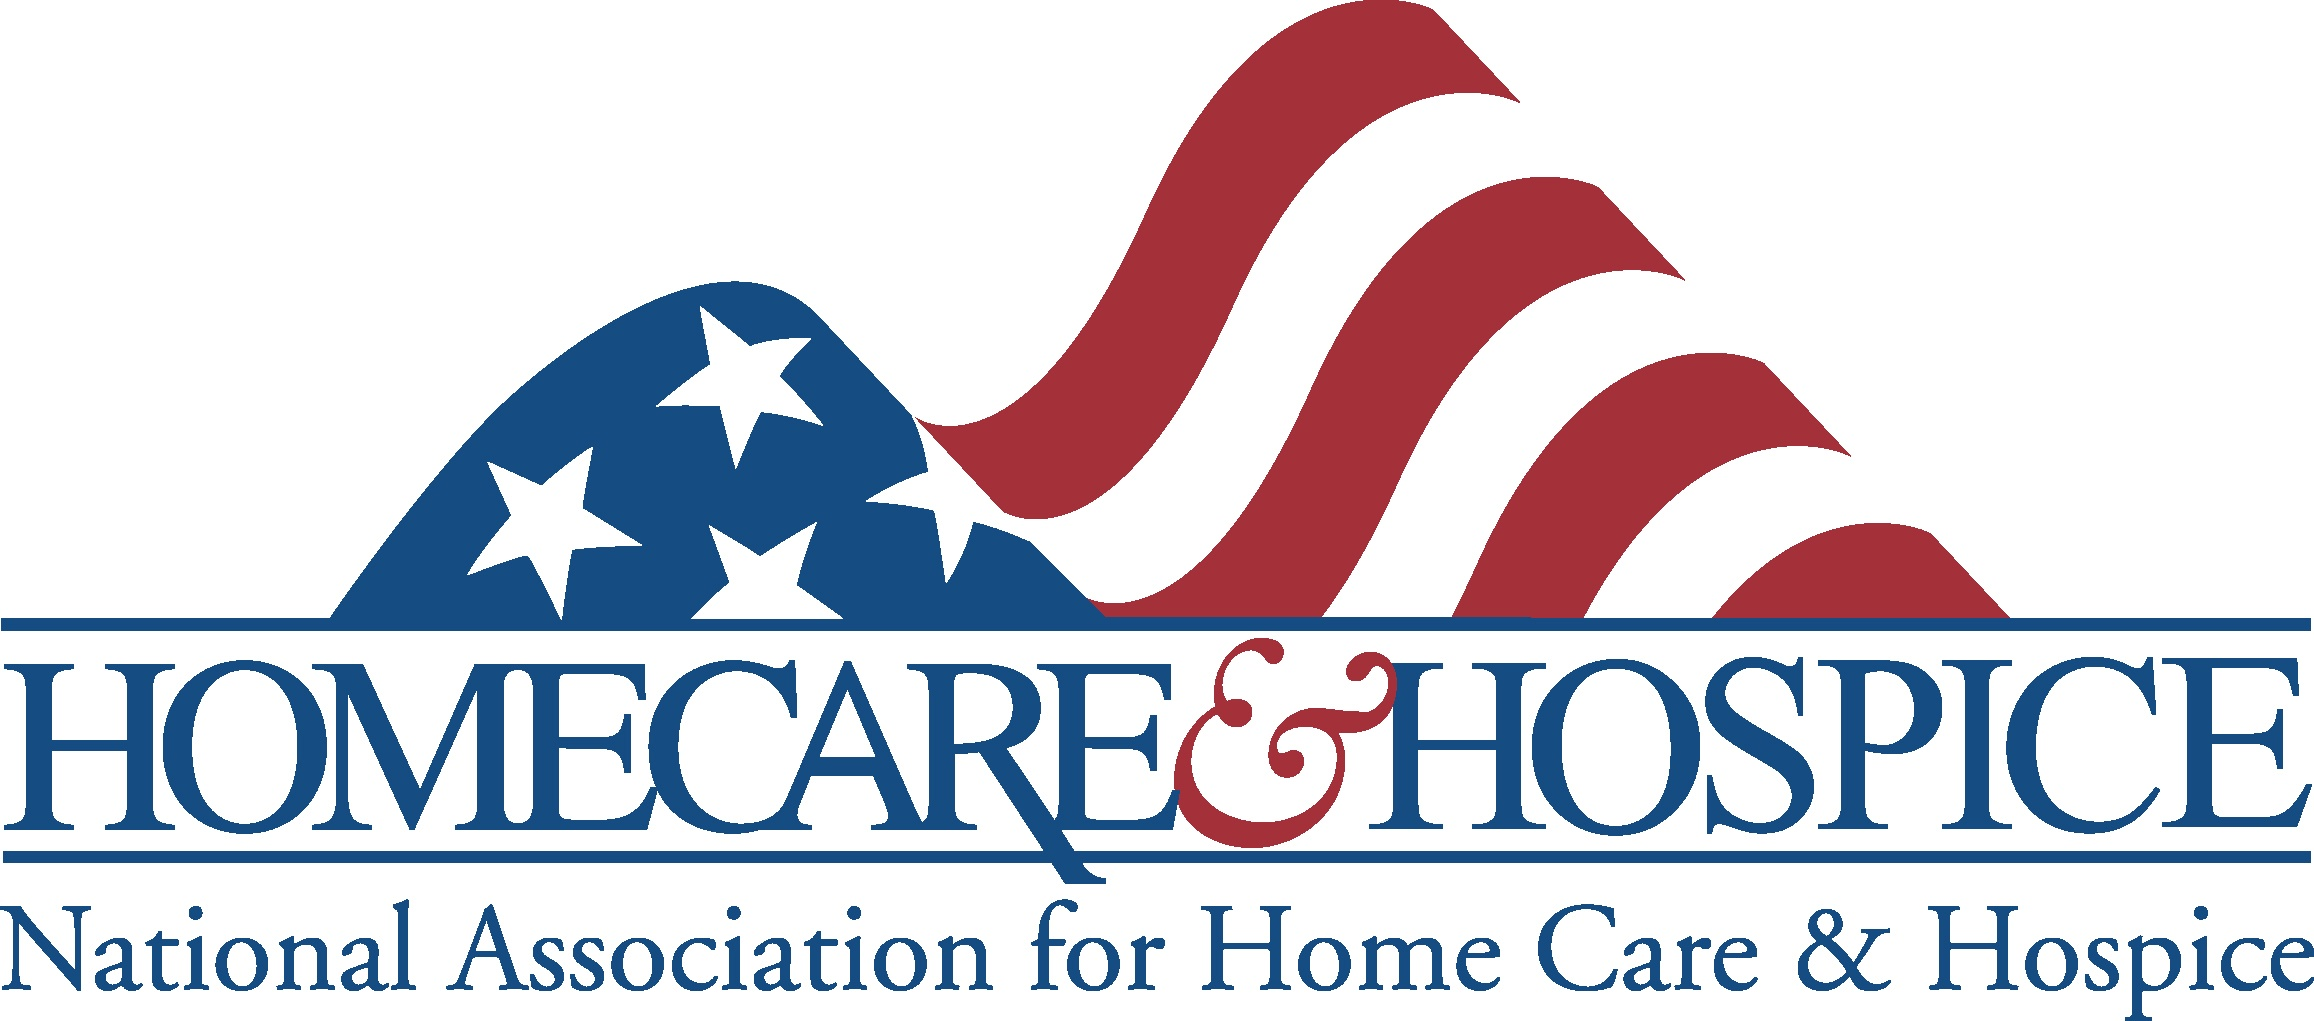 NAHC_Logo.jpg